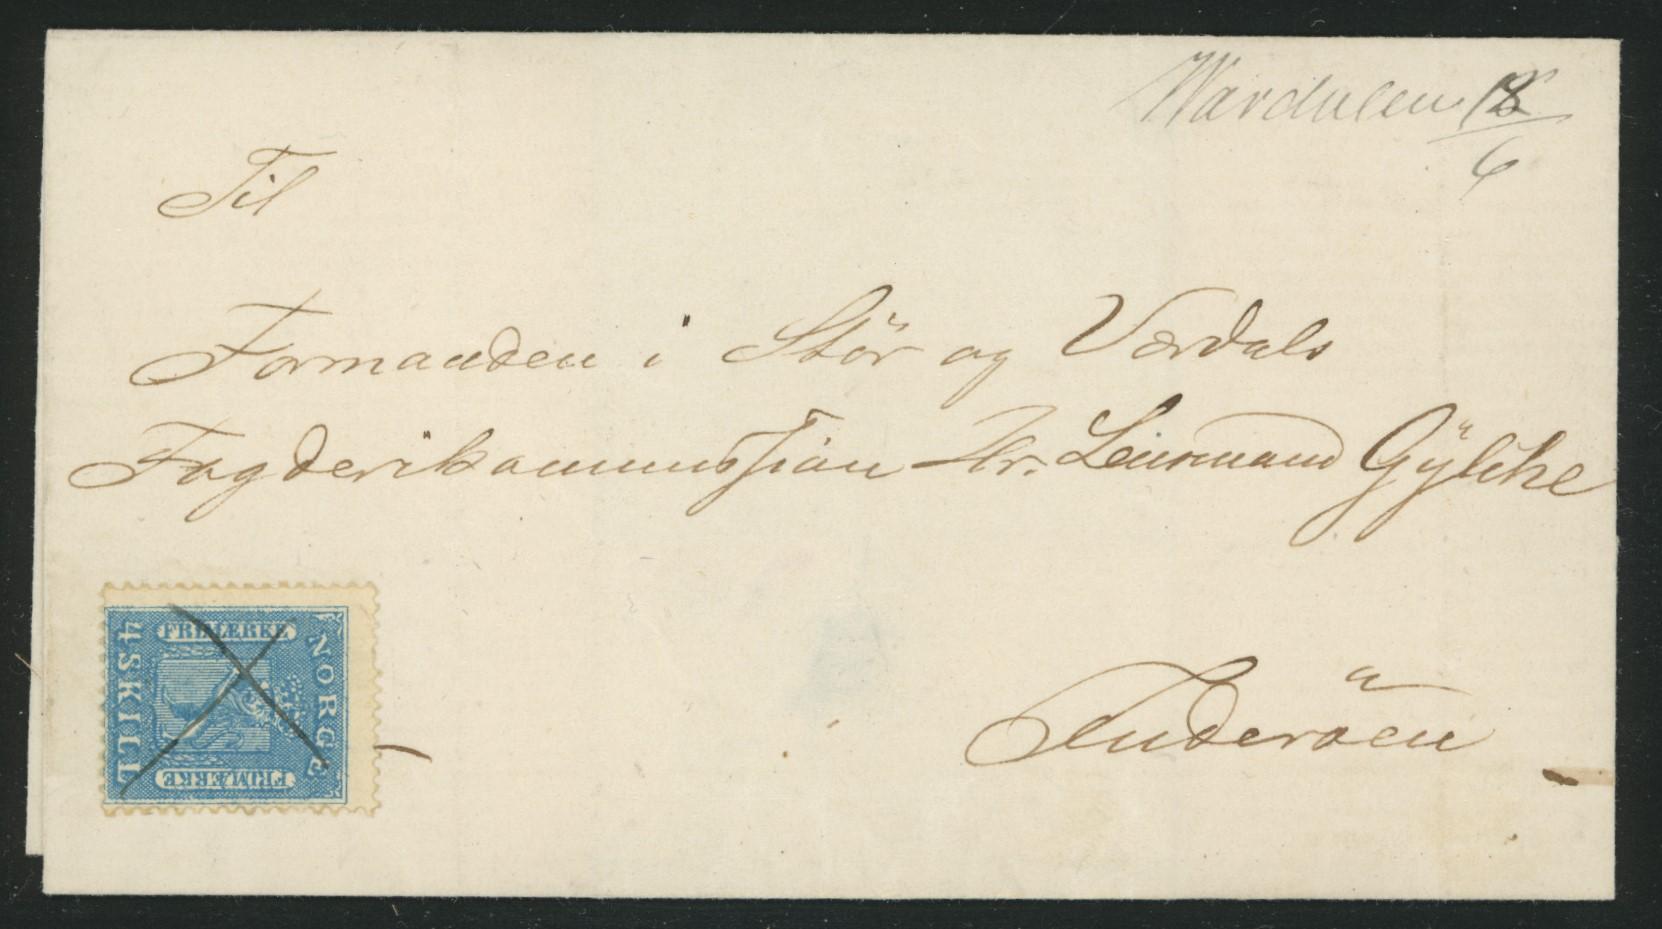 Lot 4628 - Håndskrevne annulleringer  -  Skanfil Auksjoner AS  Public auction 211